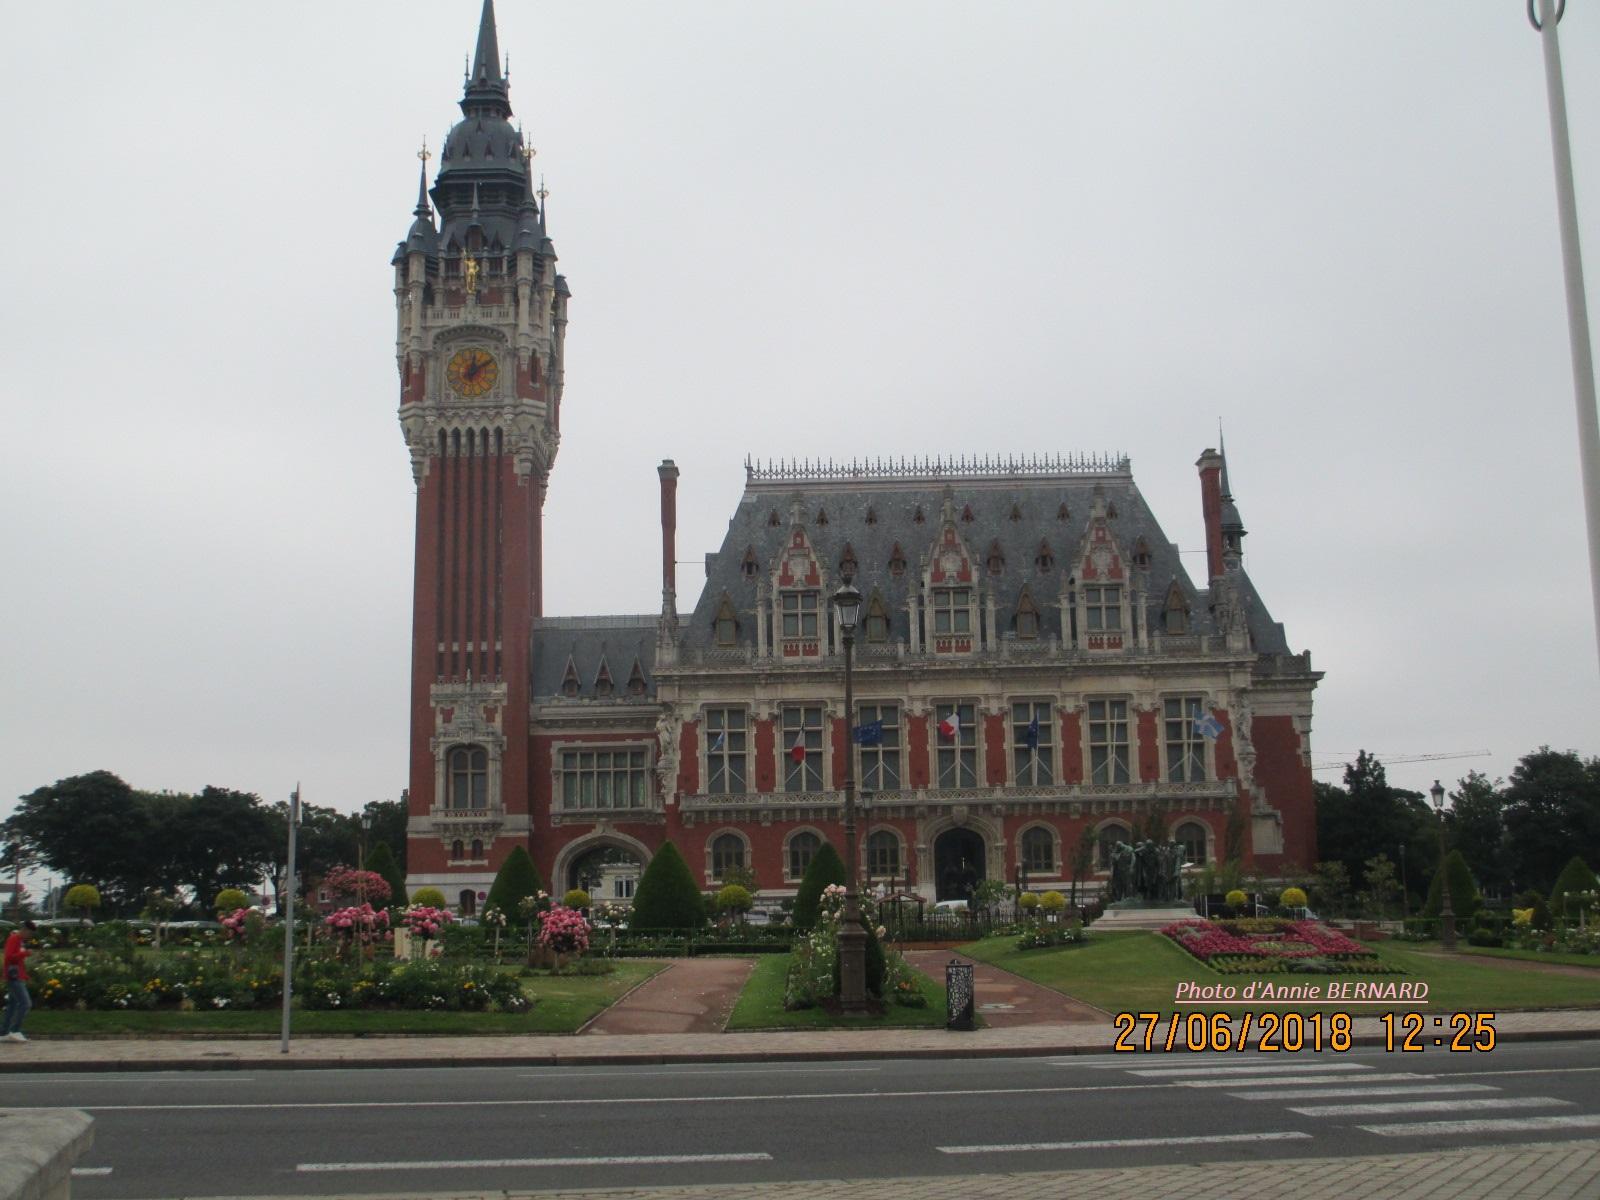 L'Hôtel de ville de Calais et ses rosiers